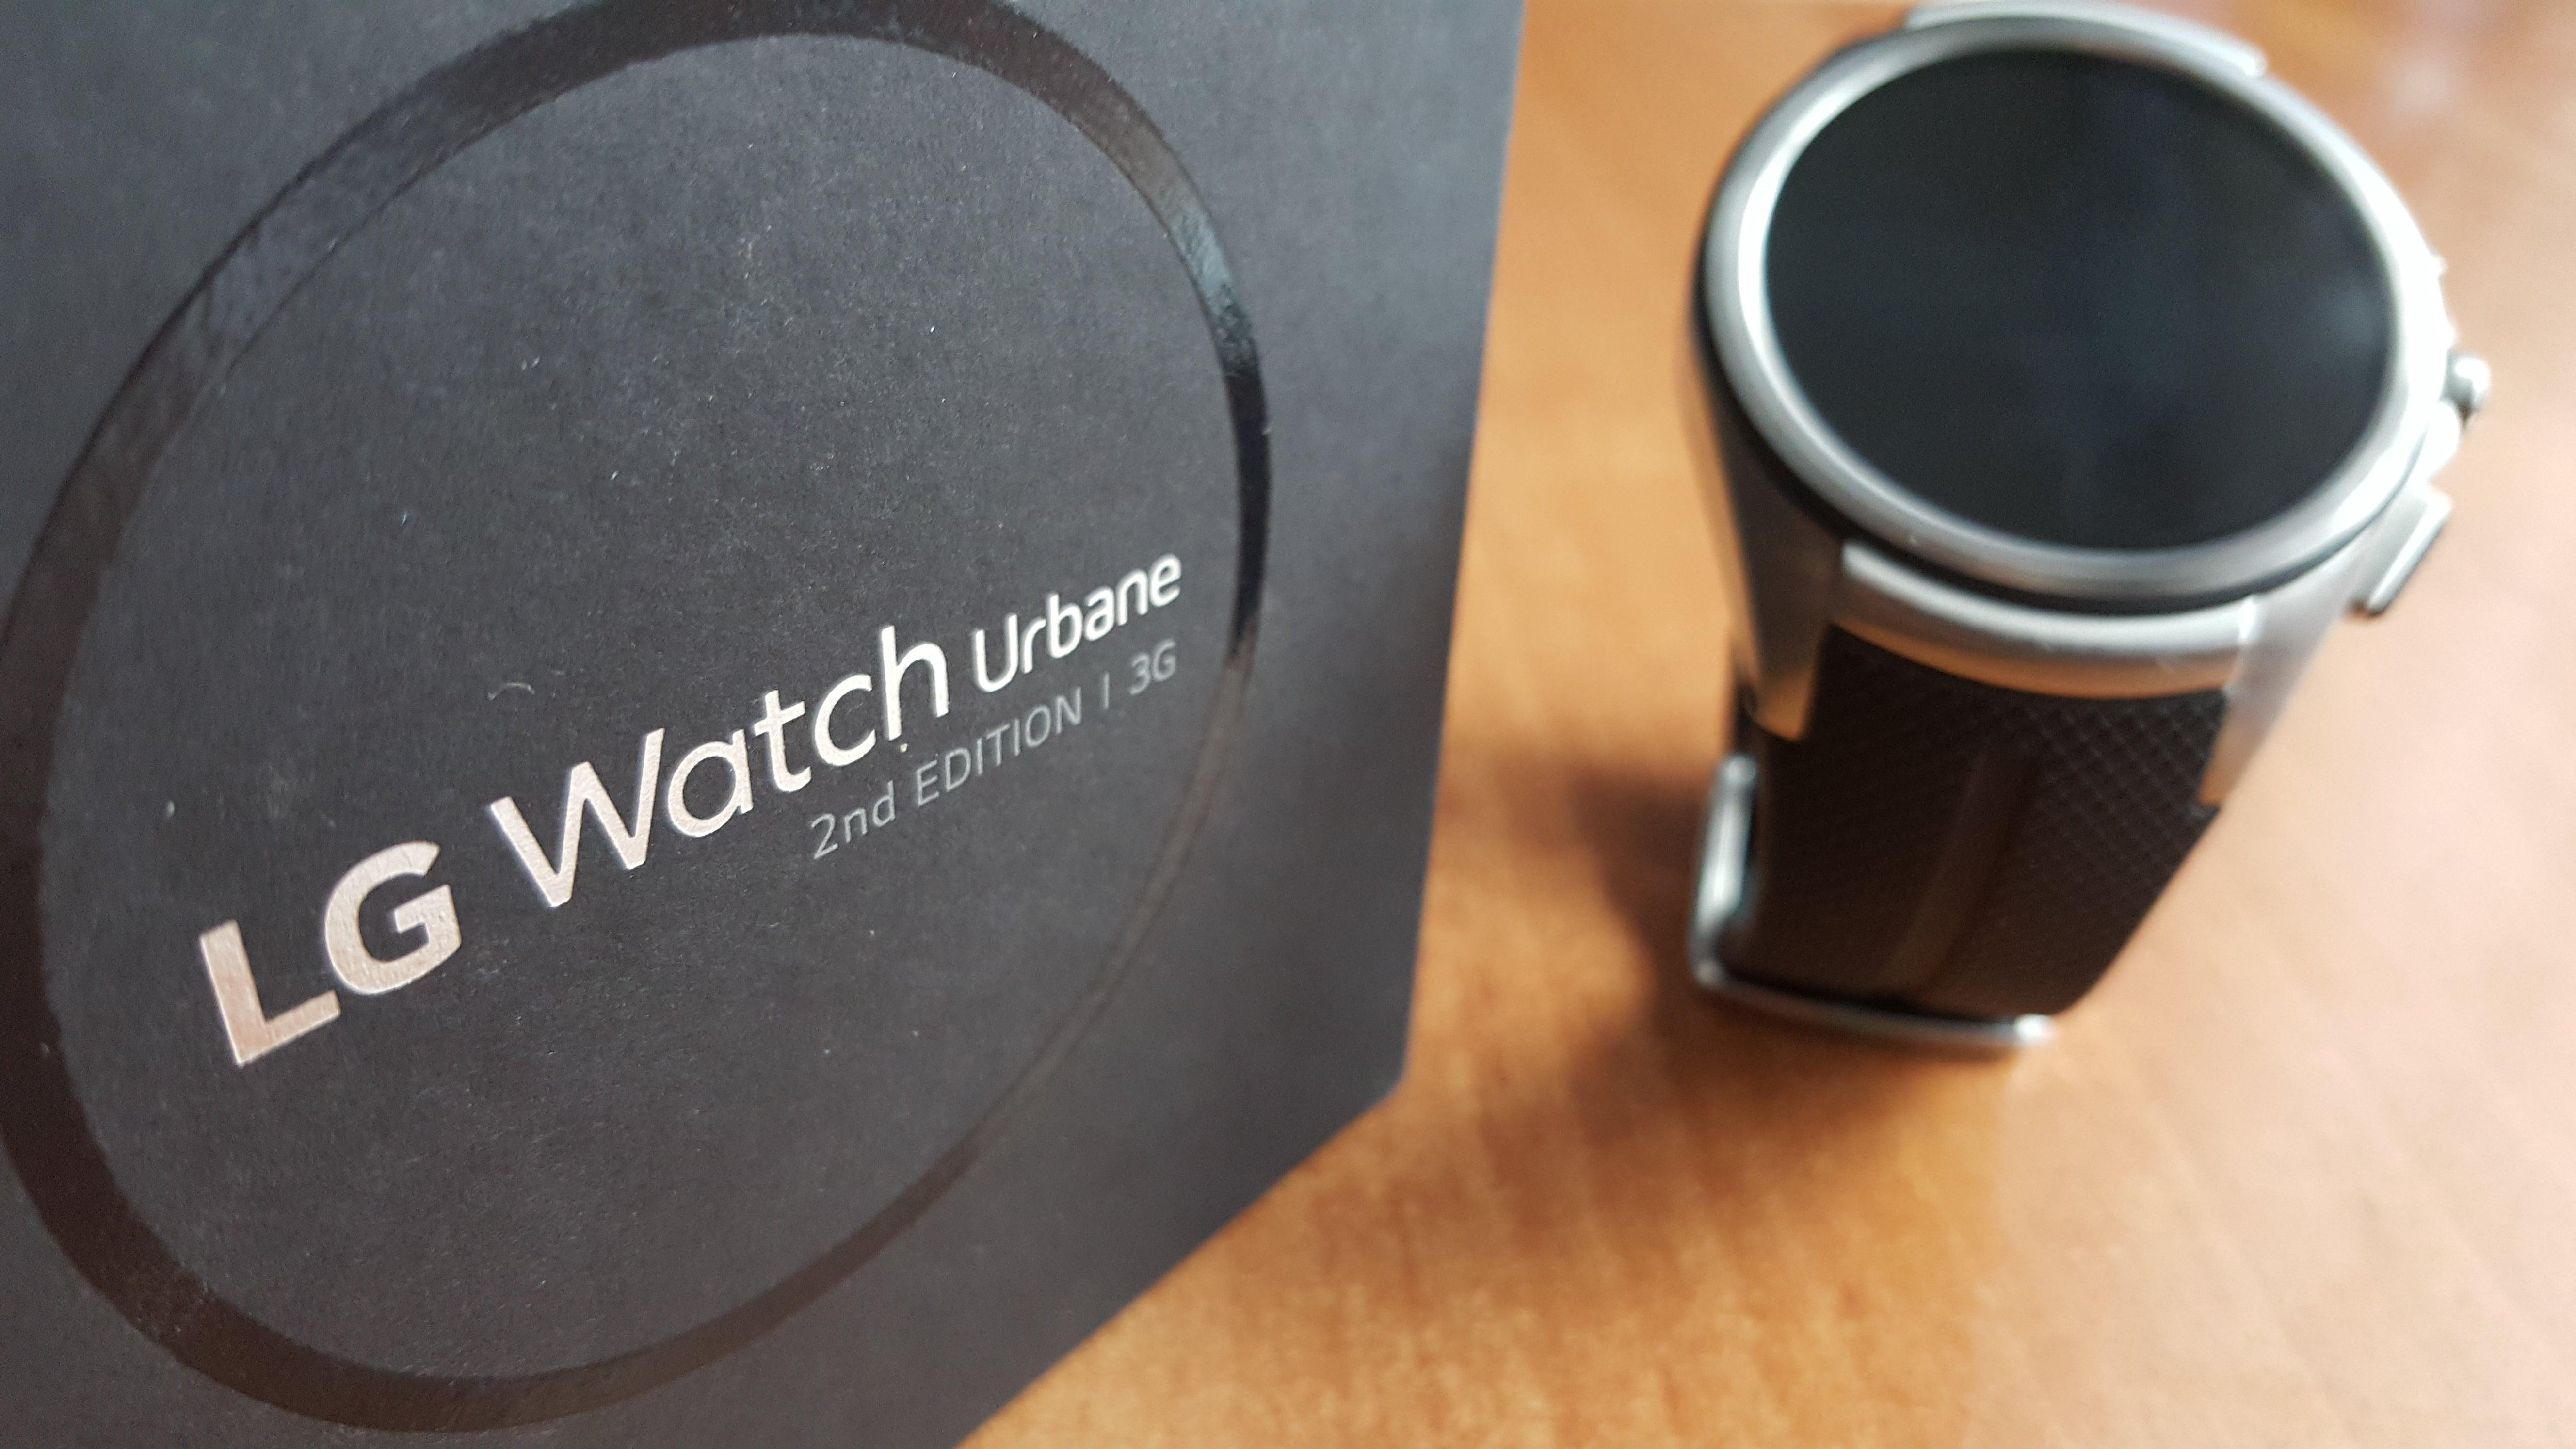 LG Watch Urbane 2nd edition dołączy do starszego brata - wkrótce trafi na niego Android Wear 2.0 19